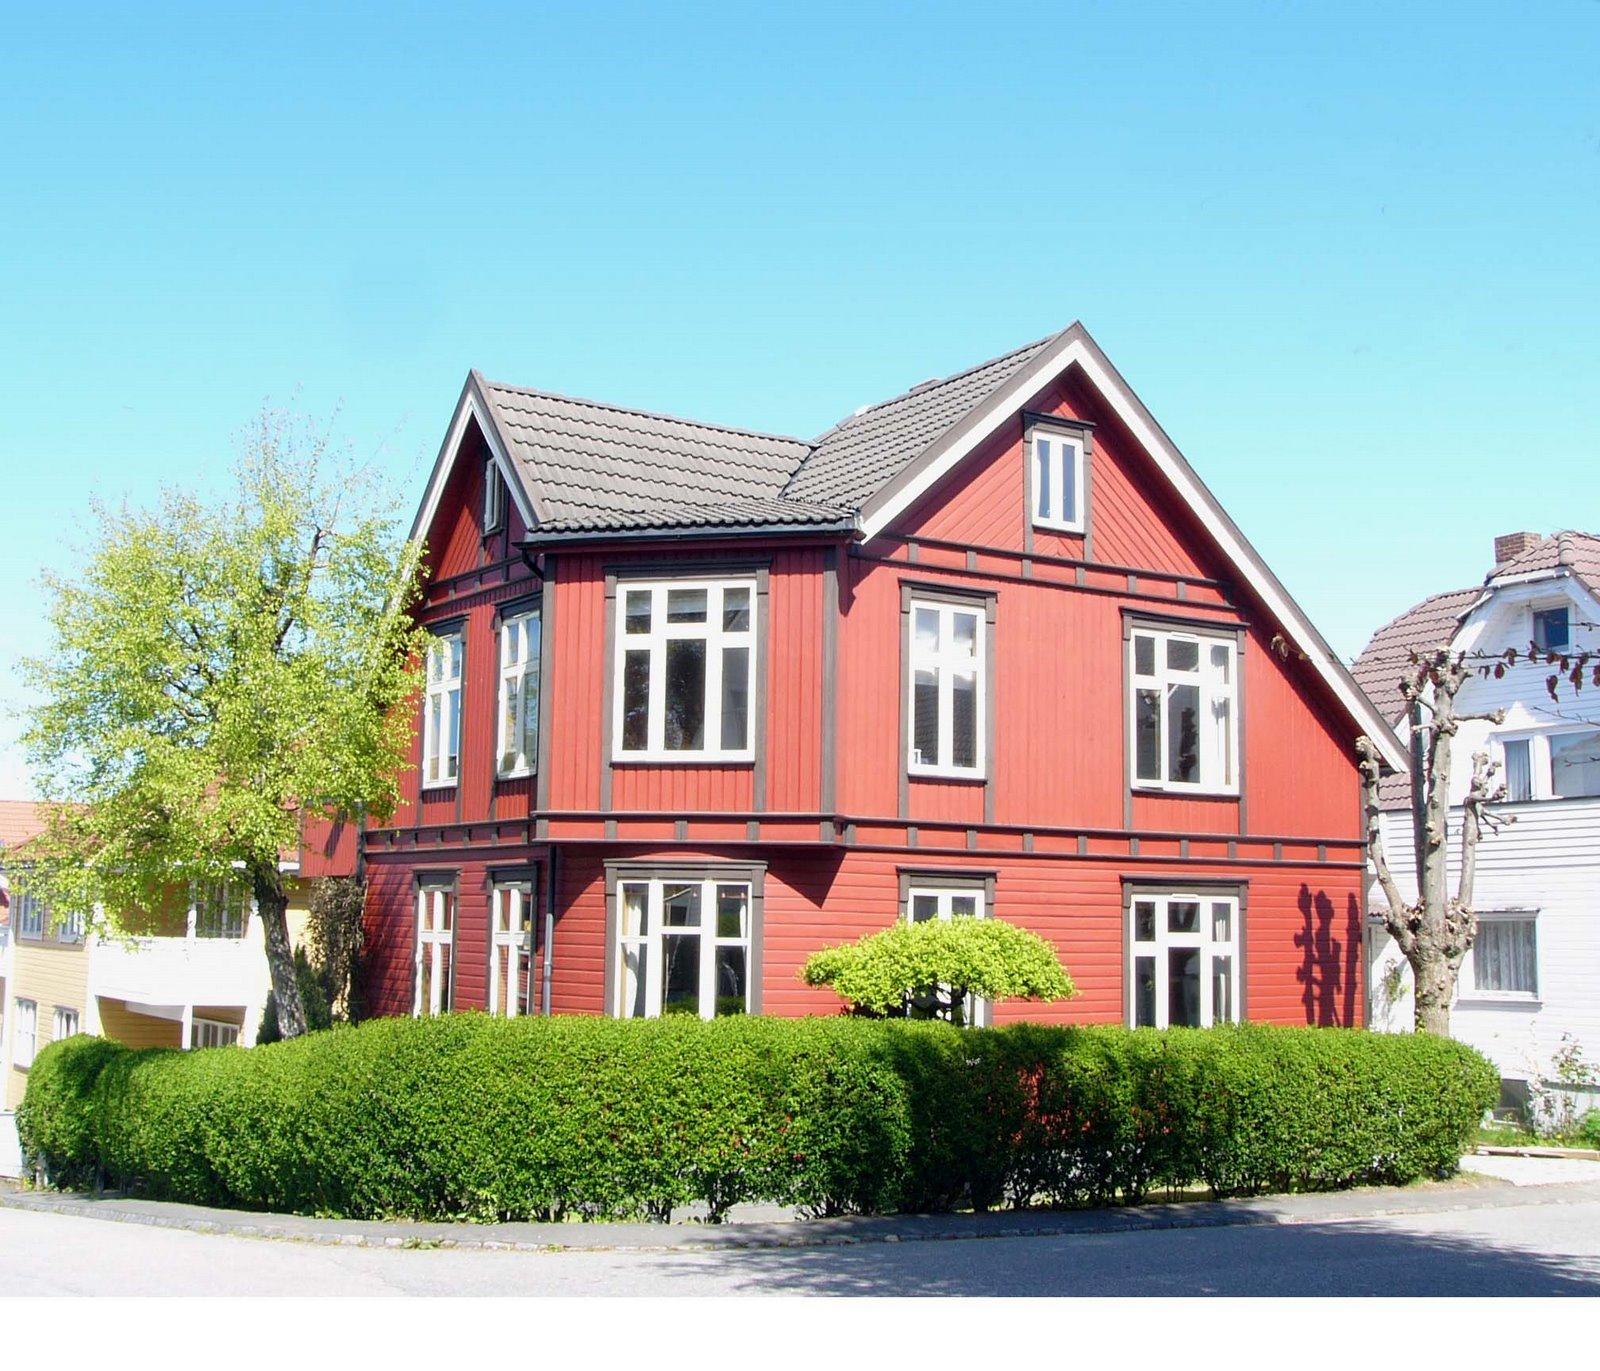 Very nice houses